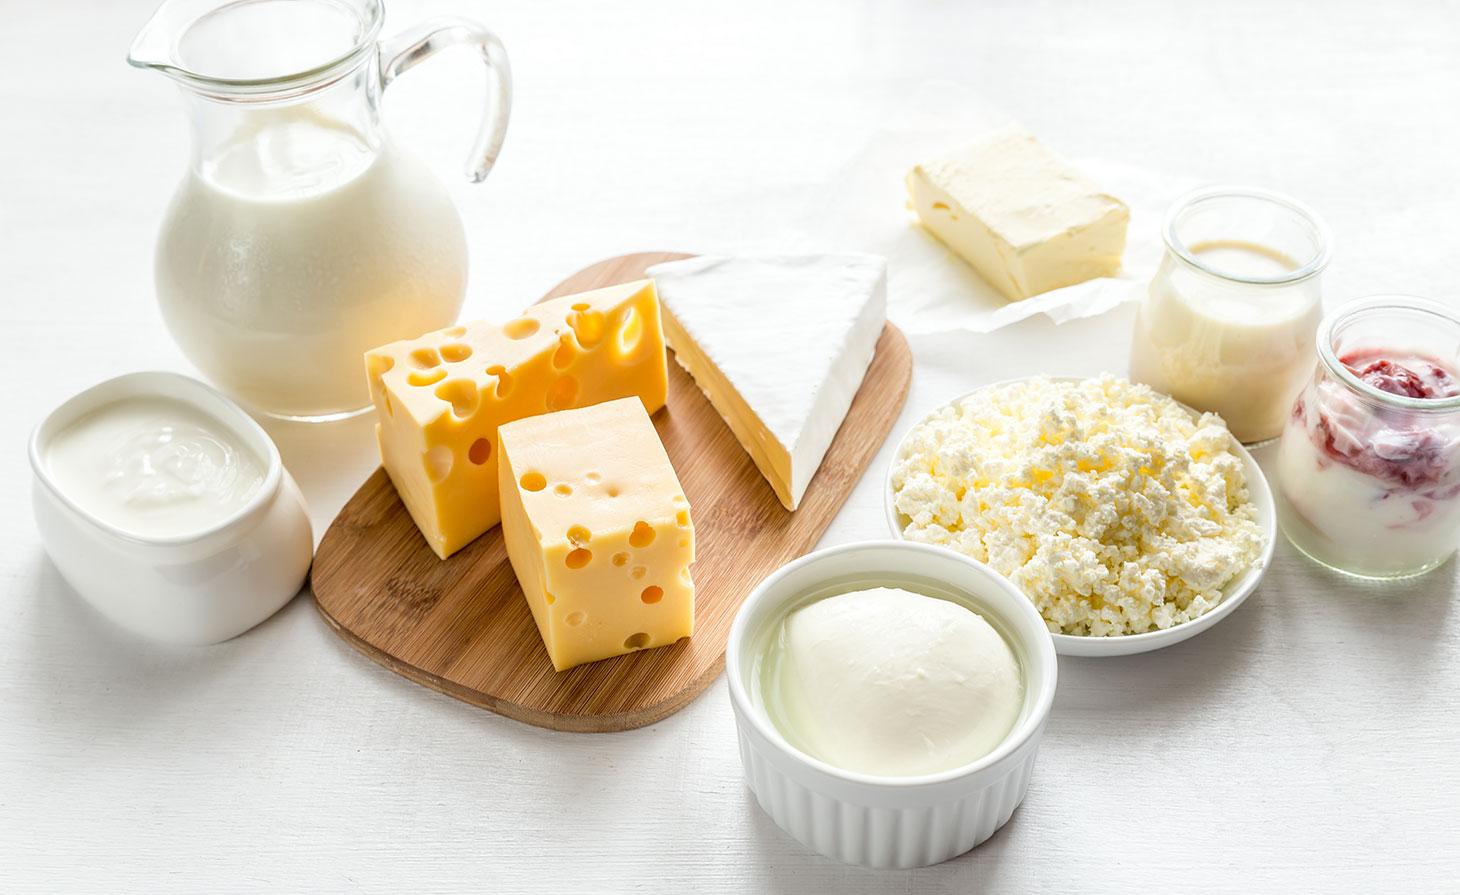 Des produits laitiers via Shutterstock